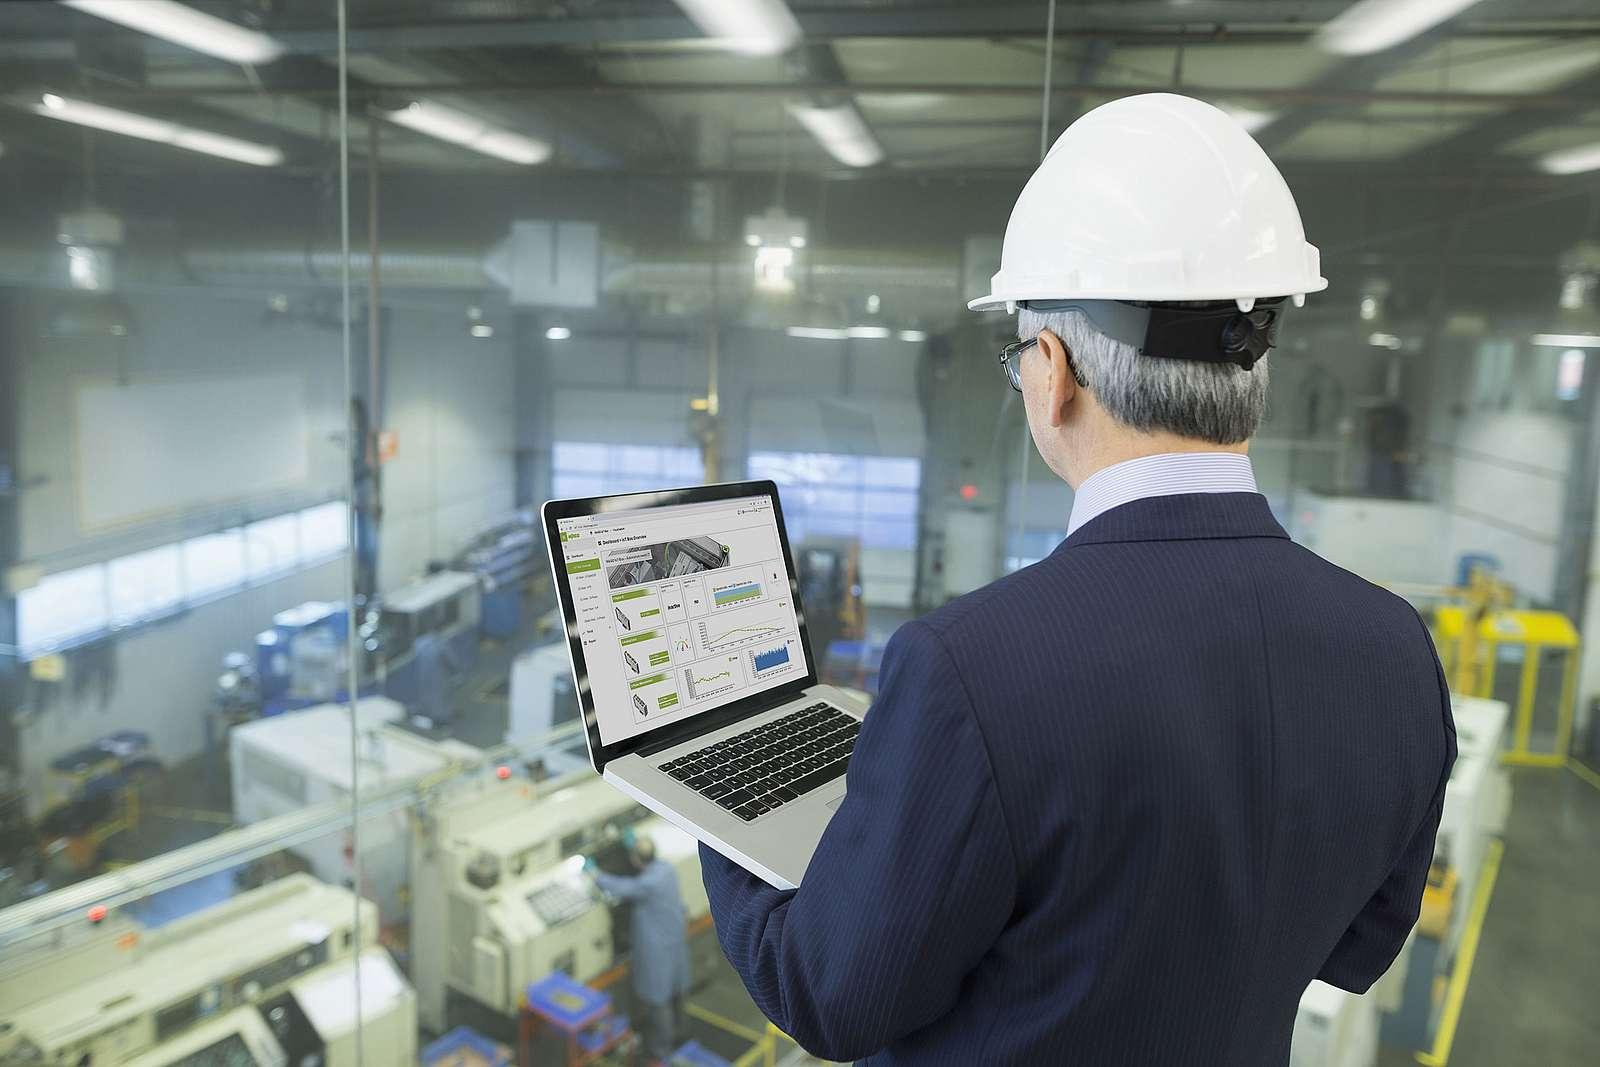 Die zunehmende Digitalisierung verändert nicht nur den Alltag, sondern auch die industrielle Fertigung, Geschäftsmodelle und die Anforderungen an die Mitarbeiter ©Wago